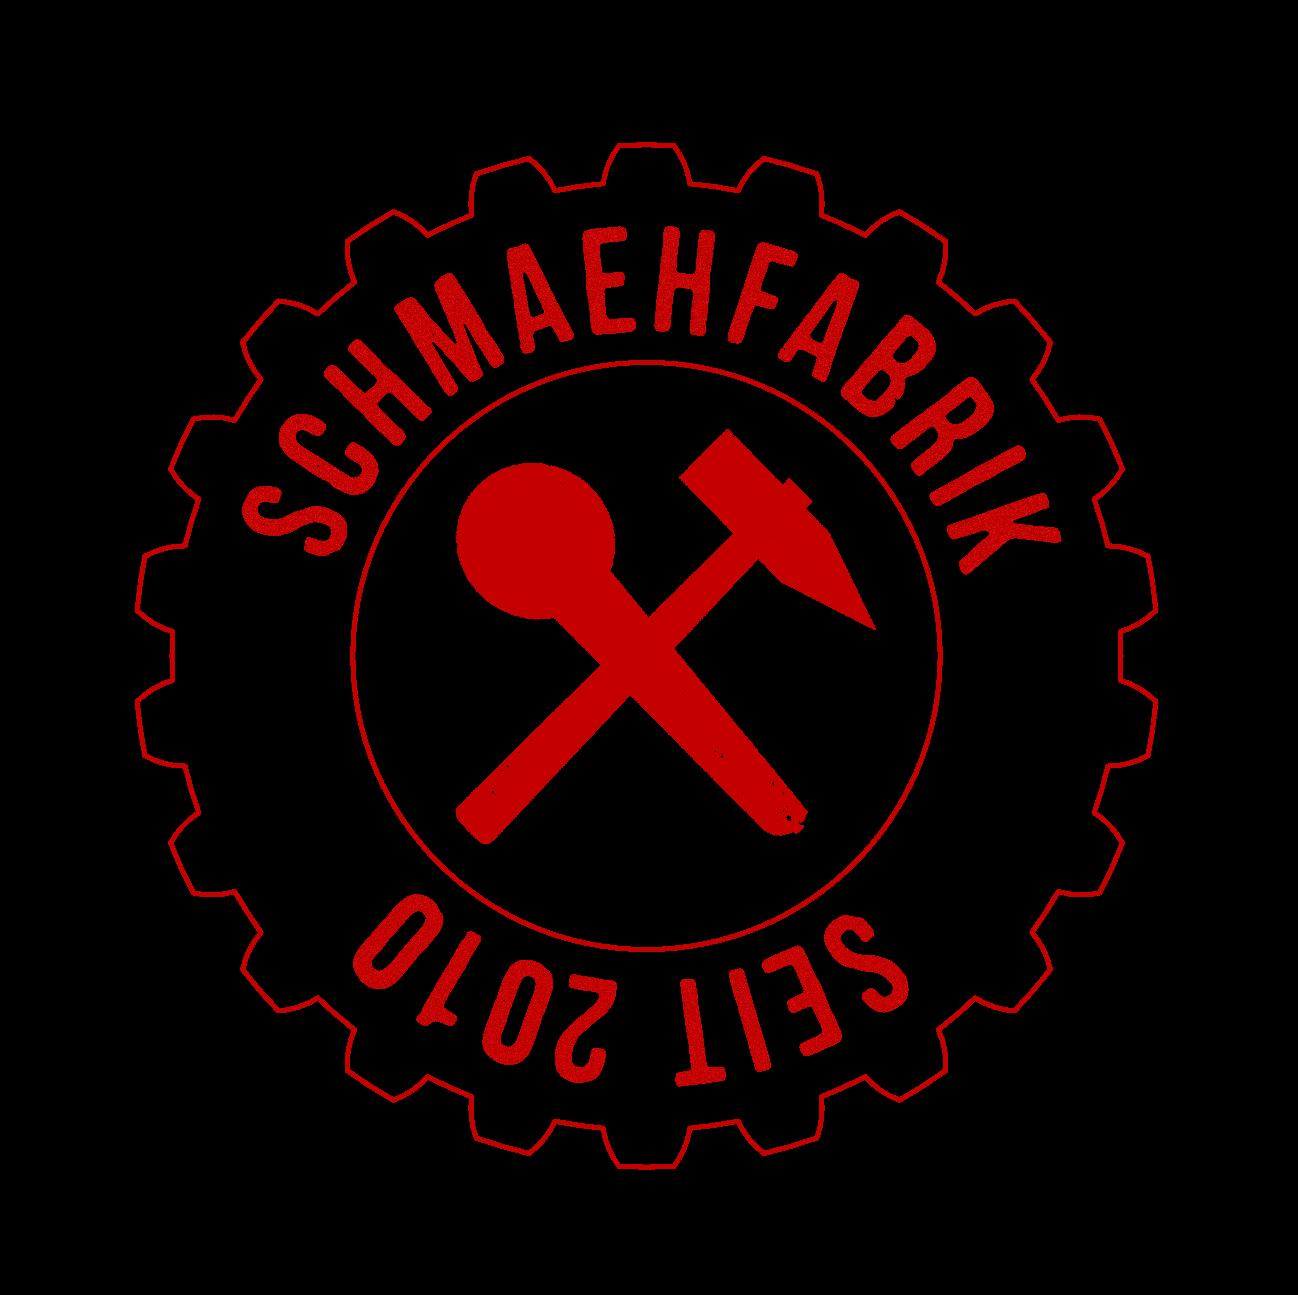 Schmähfabrik